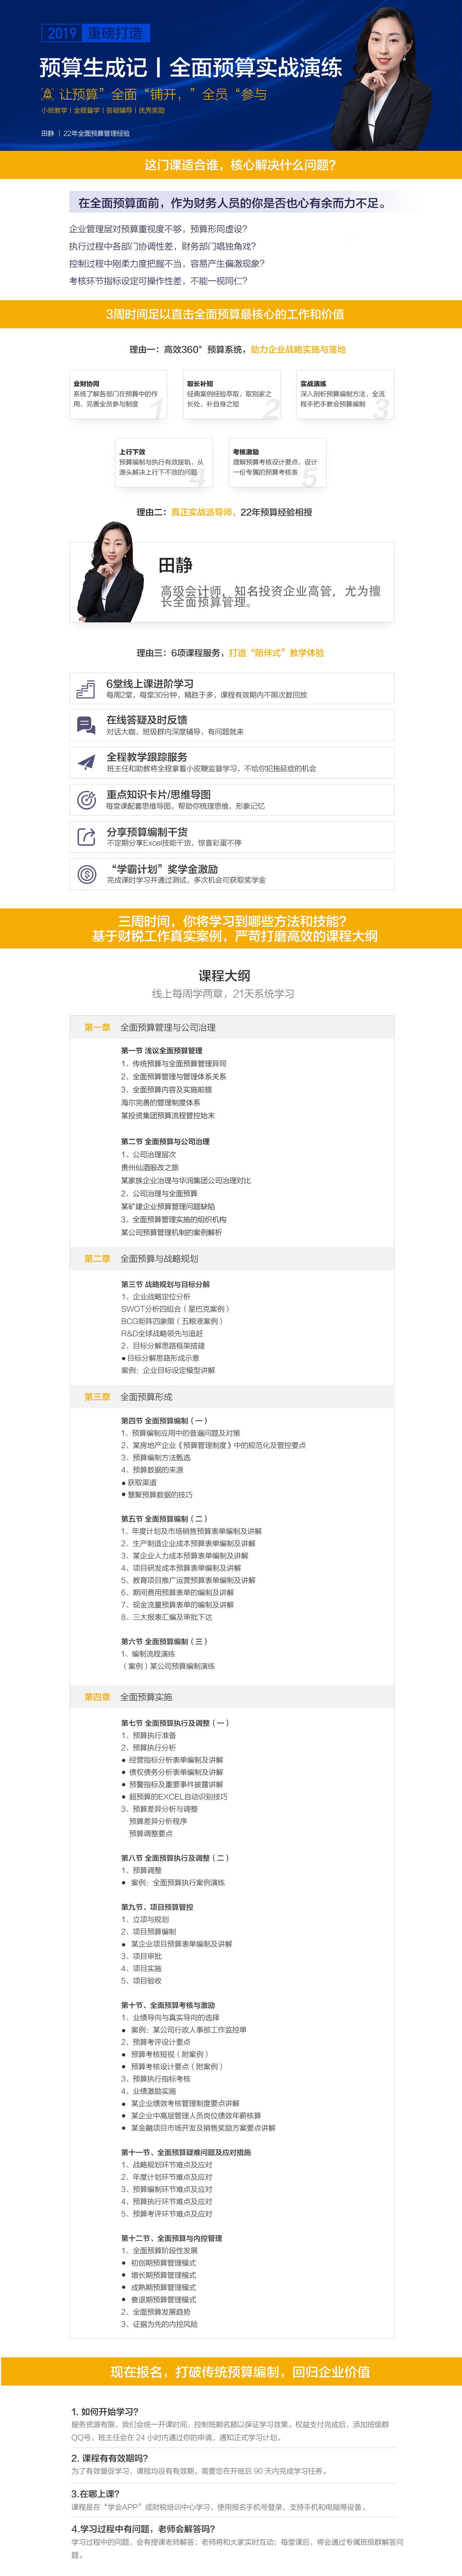 【课程详情页】预算进阶研修班-473216-内容支撑团队.jpg